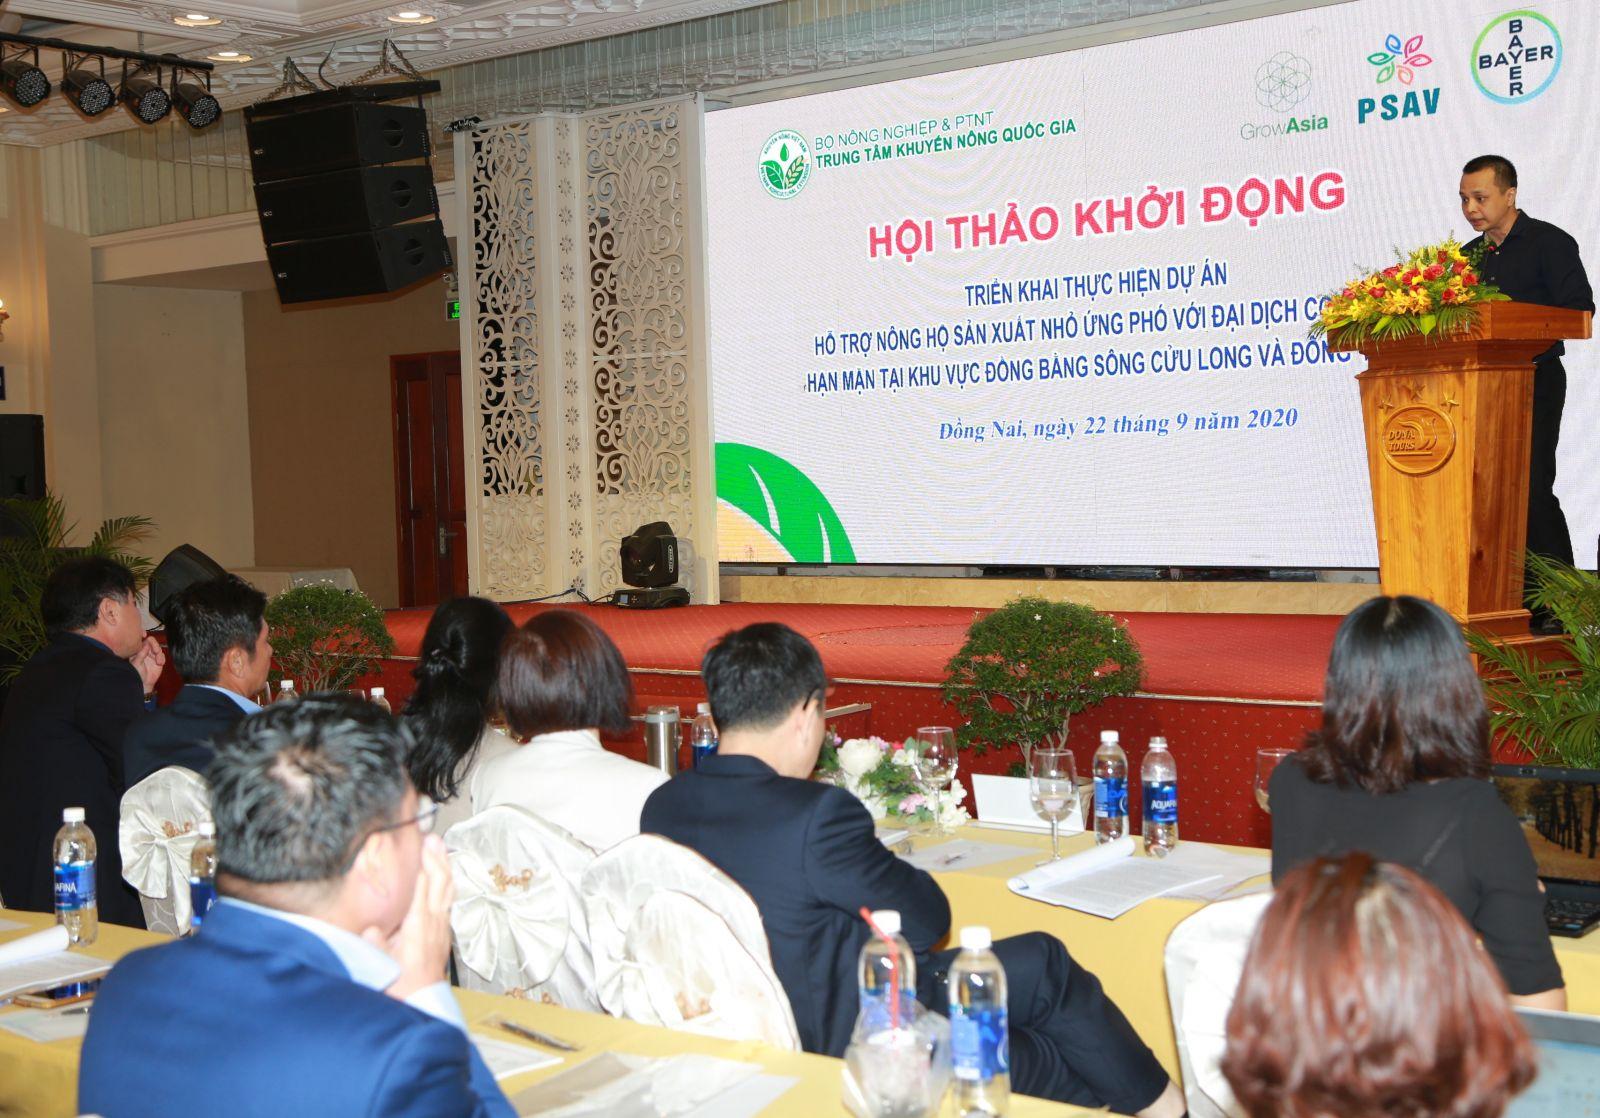 Ông Nguyễn Chí Hiếu, đại diện Tổ chức Tăng trưởng châu Á (Grow Asia) cam kết hỗ trợ nông dân Việt Nam khắc phục khó khăn sau hạn mặn và tác động của COVID-19